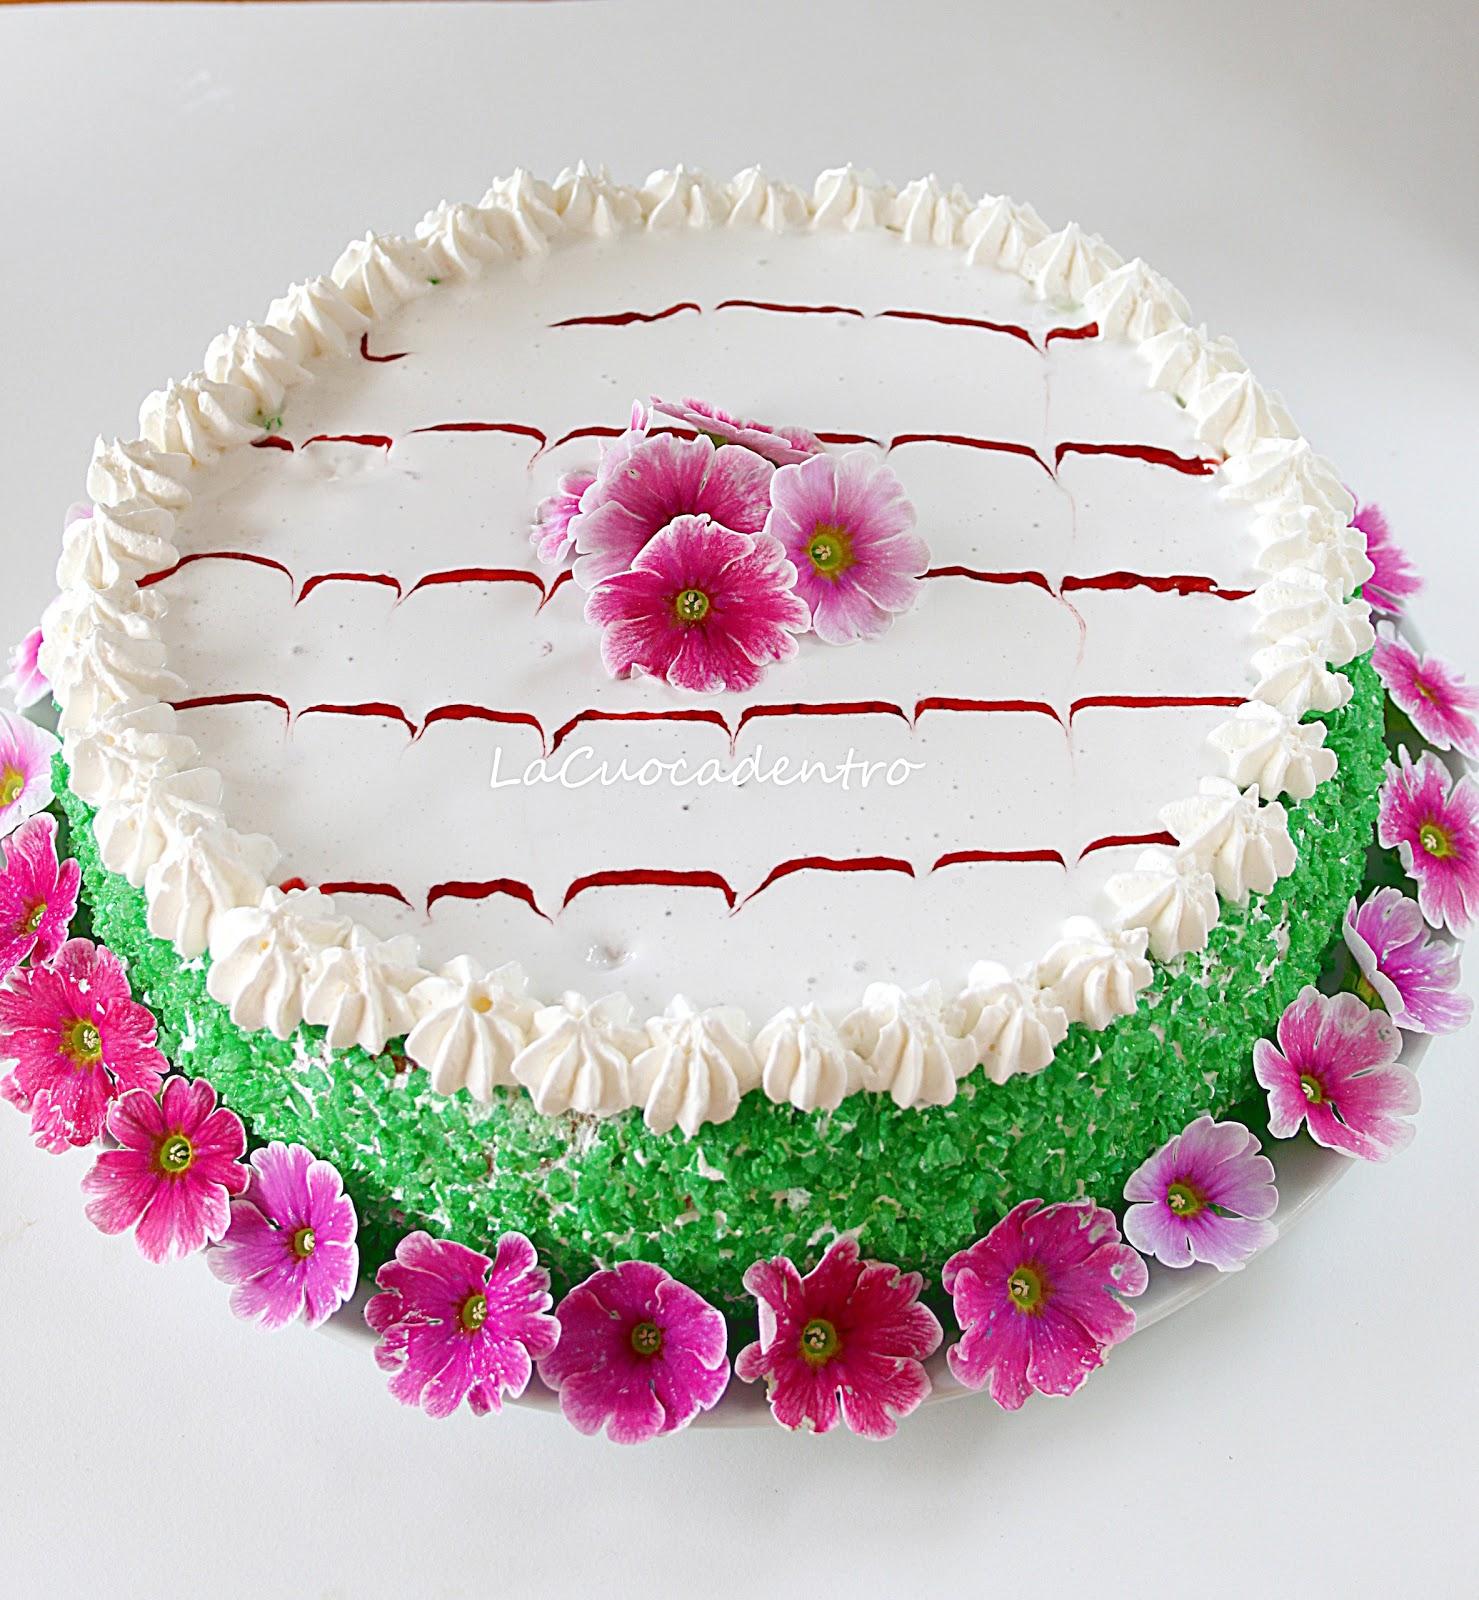 abbastanza Primo blog-compleanno e Torta Primavera - La Cuoca Dentro JR13